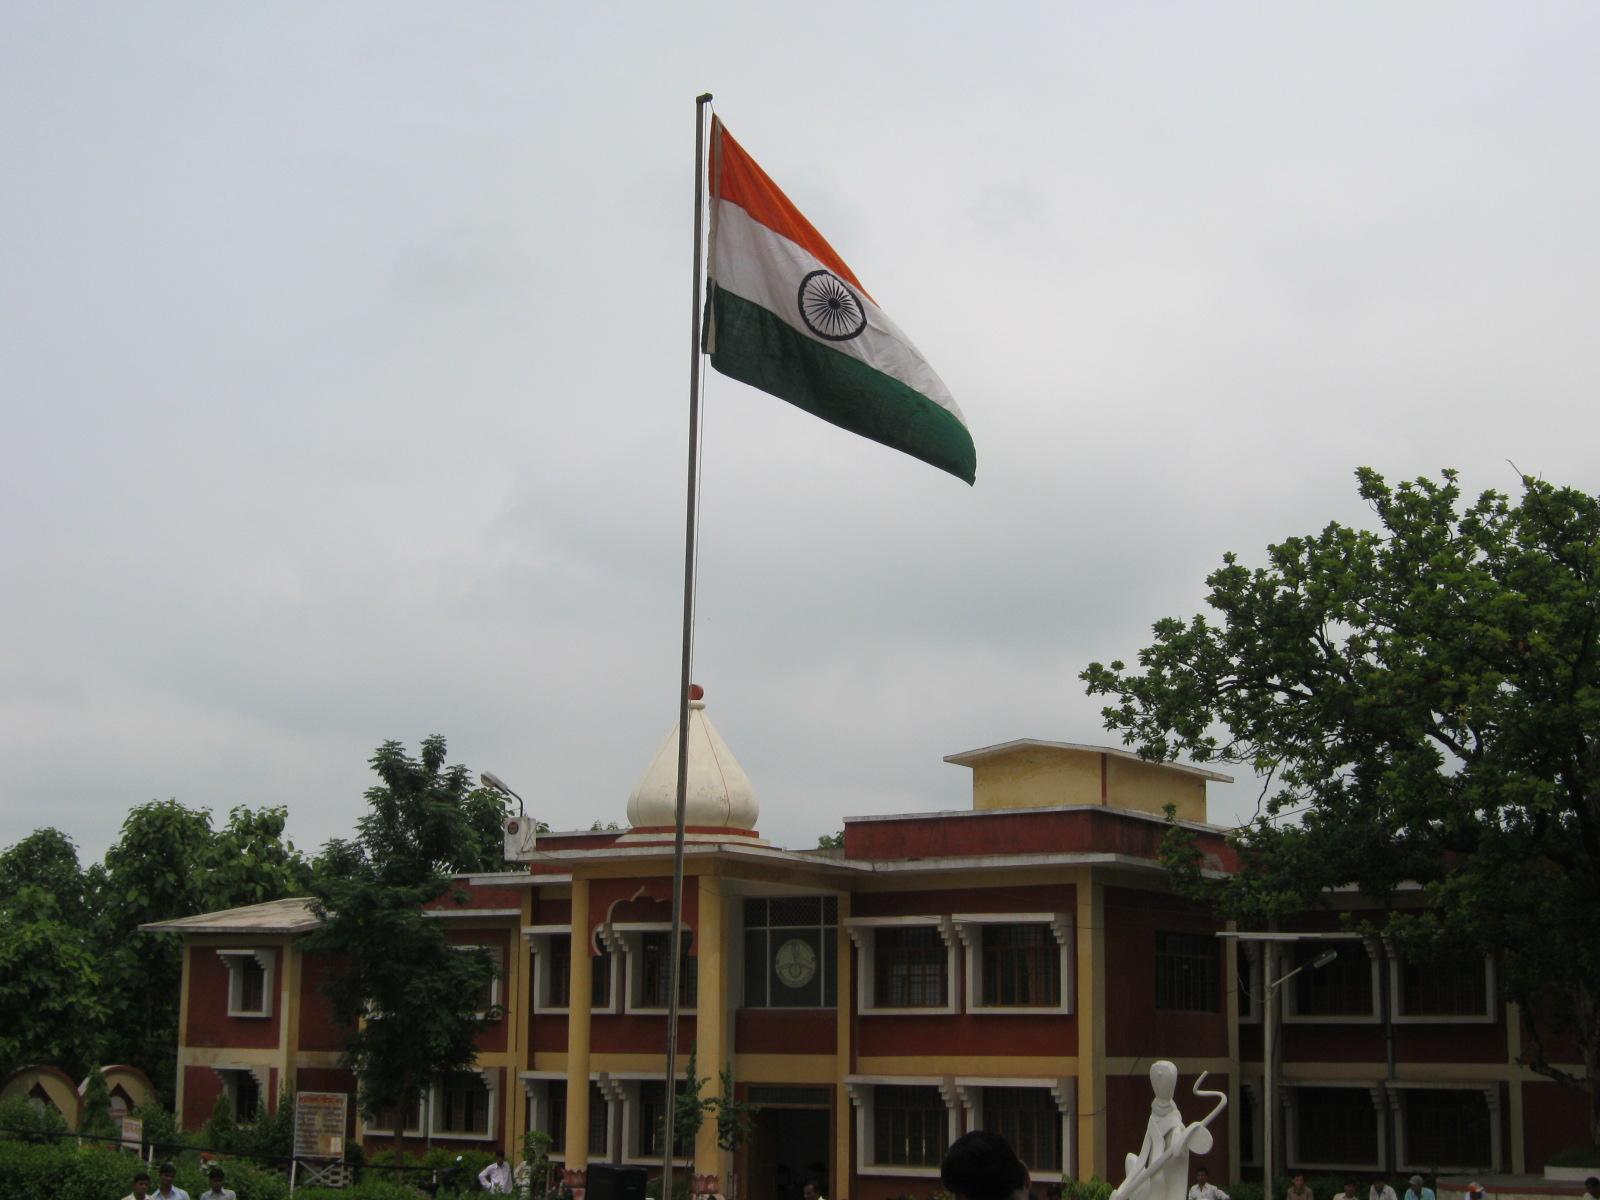 जगद्गुरु रामभद्राचार्य विकलांग विश्वविद्यालय